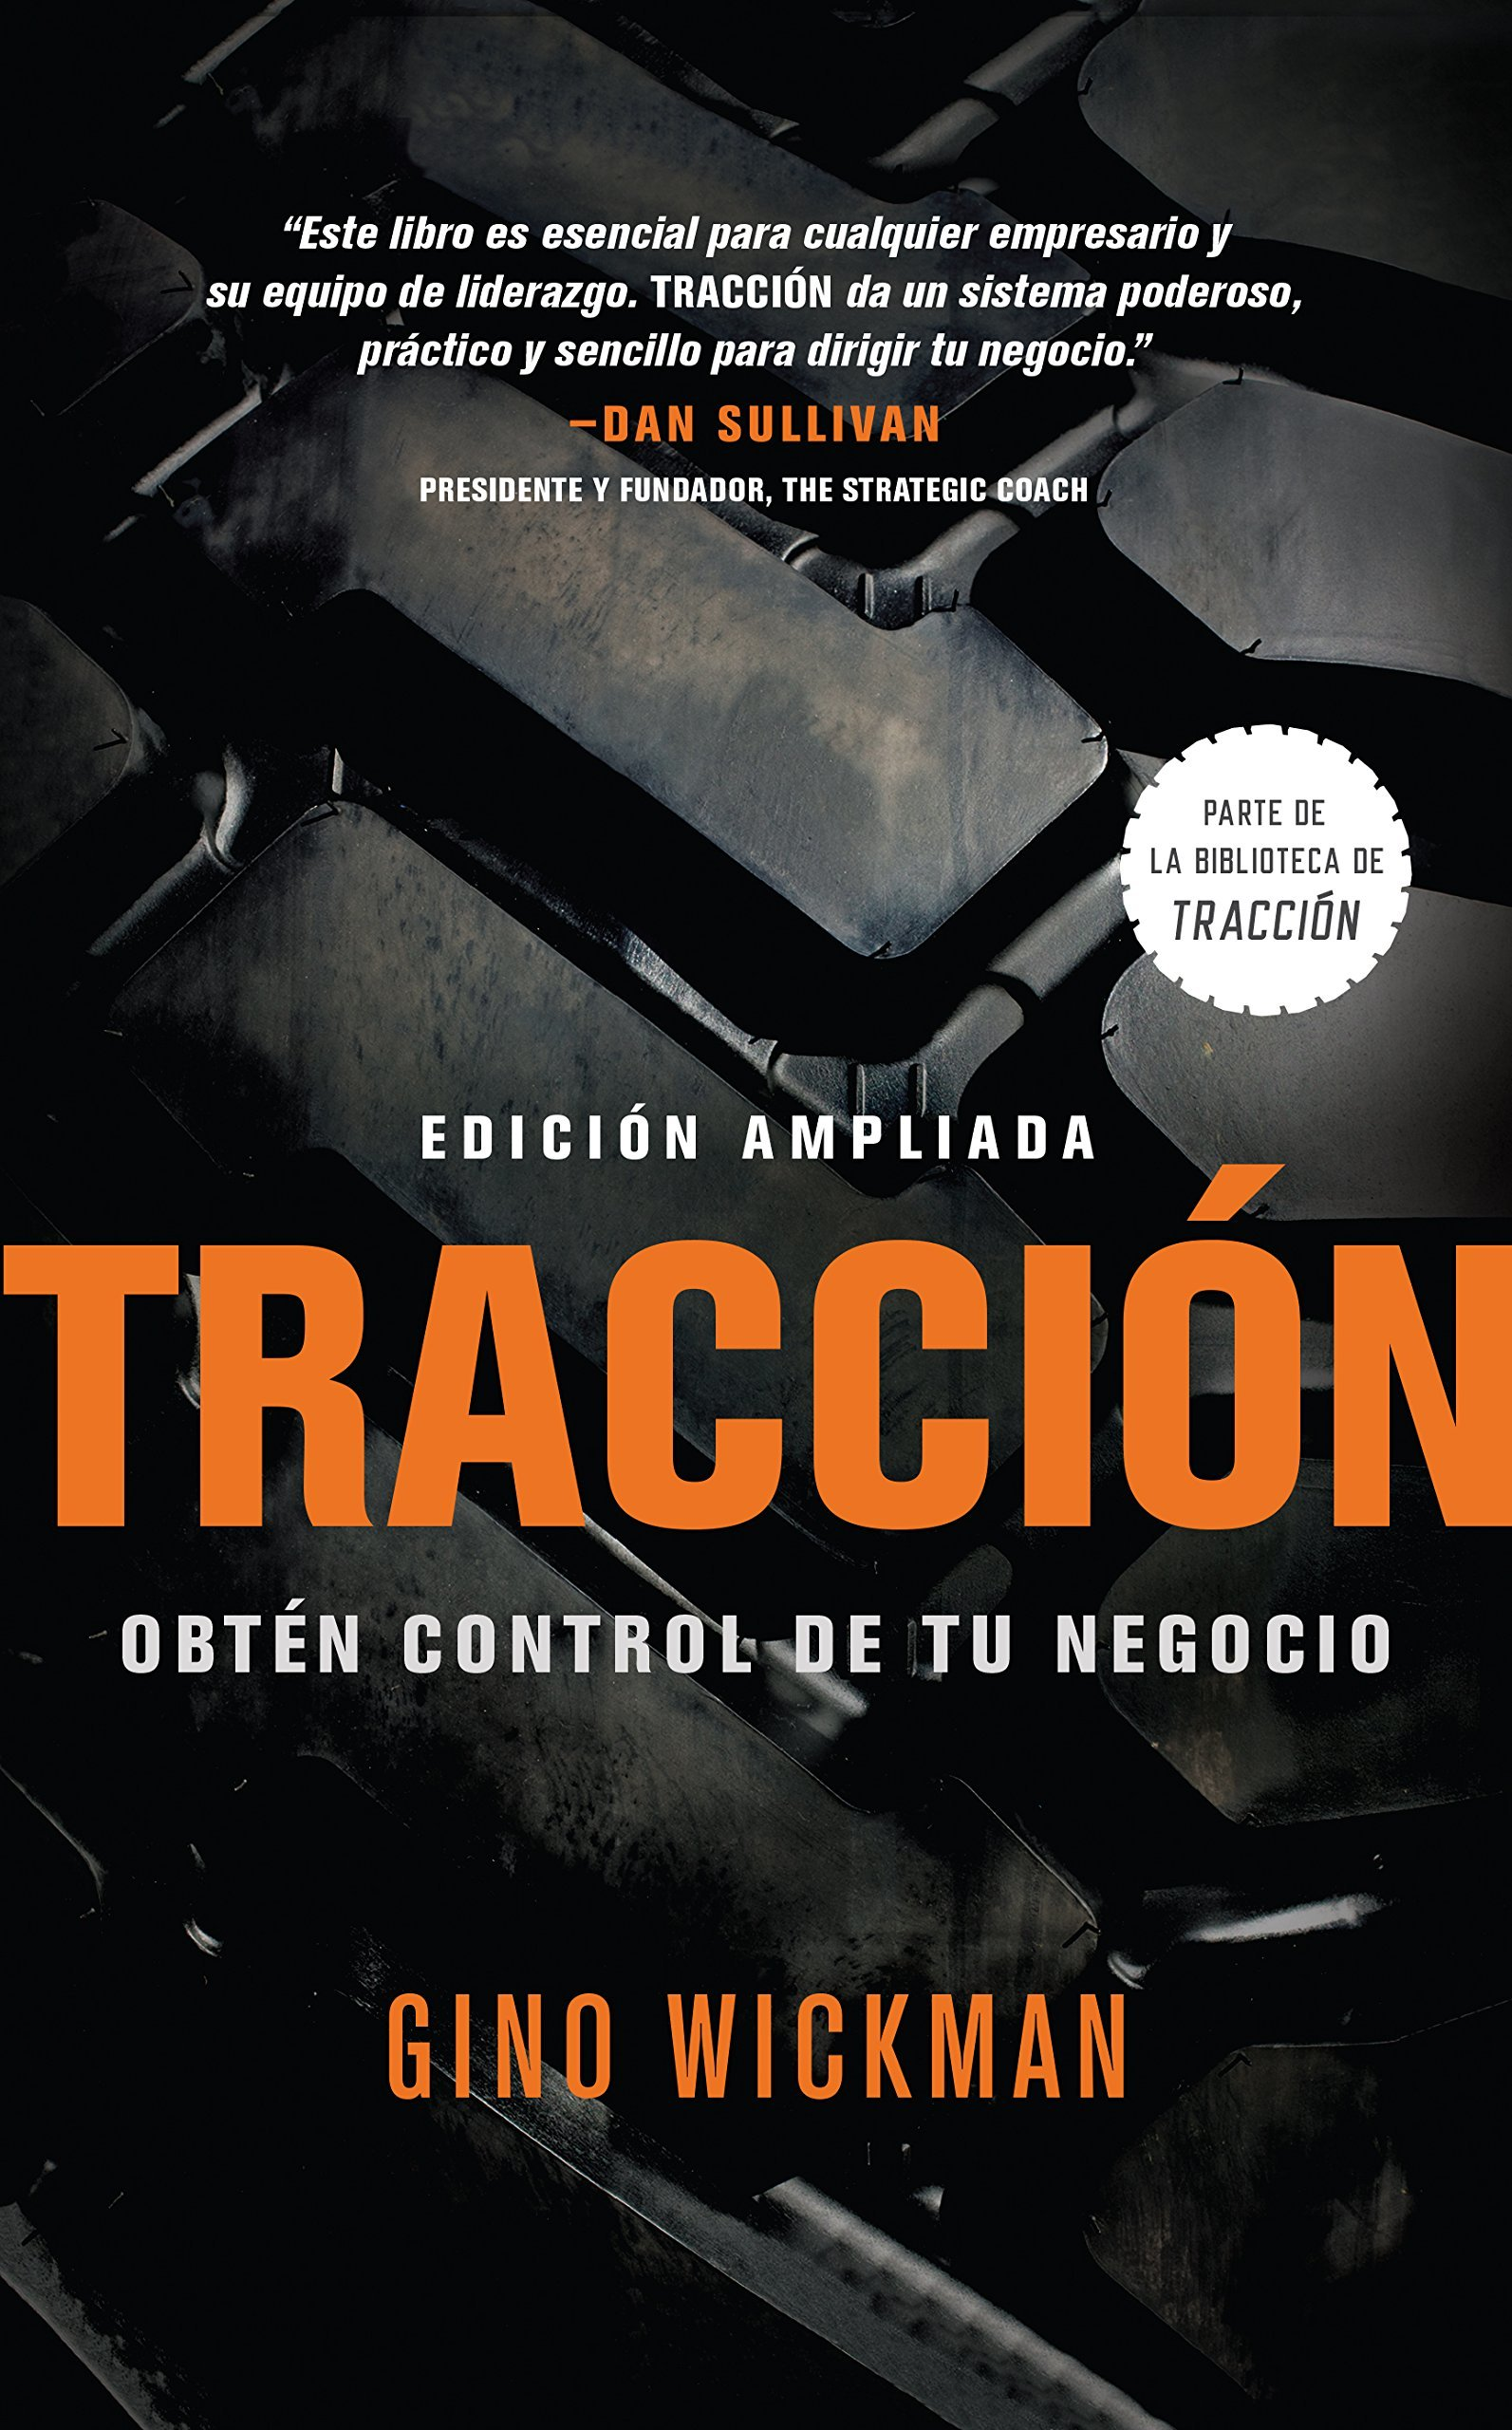 EOS libro Tracción de Gino Wickman (español) - igostrategy